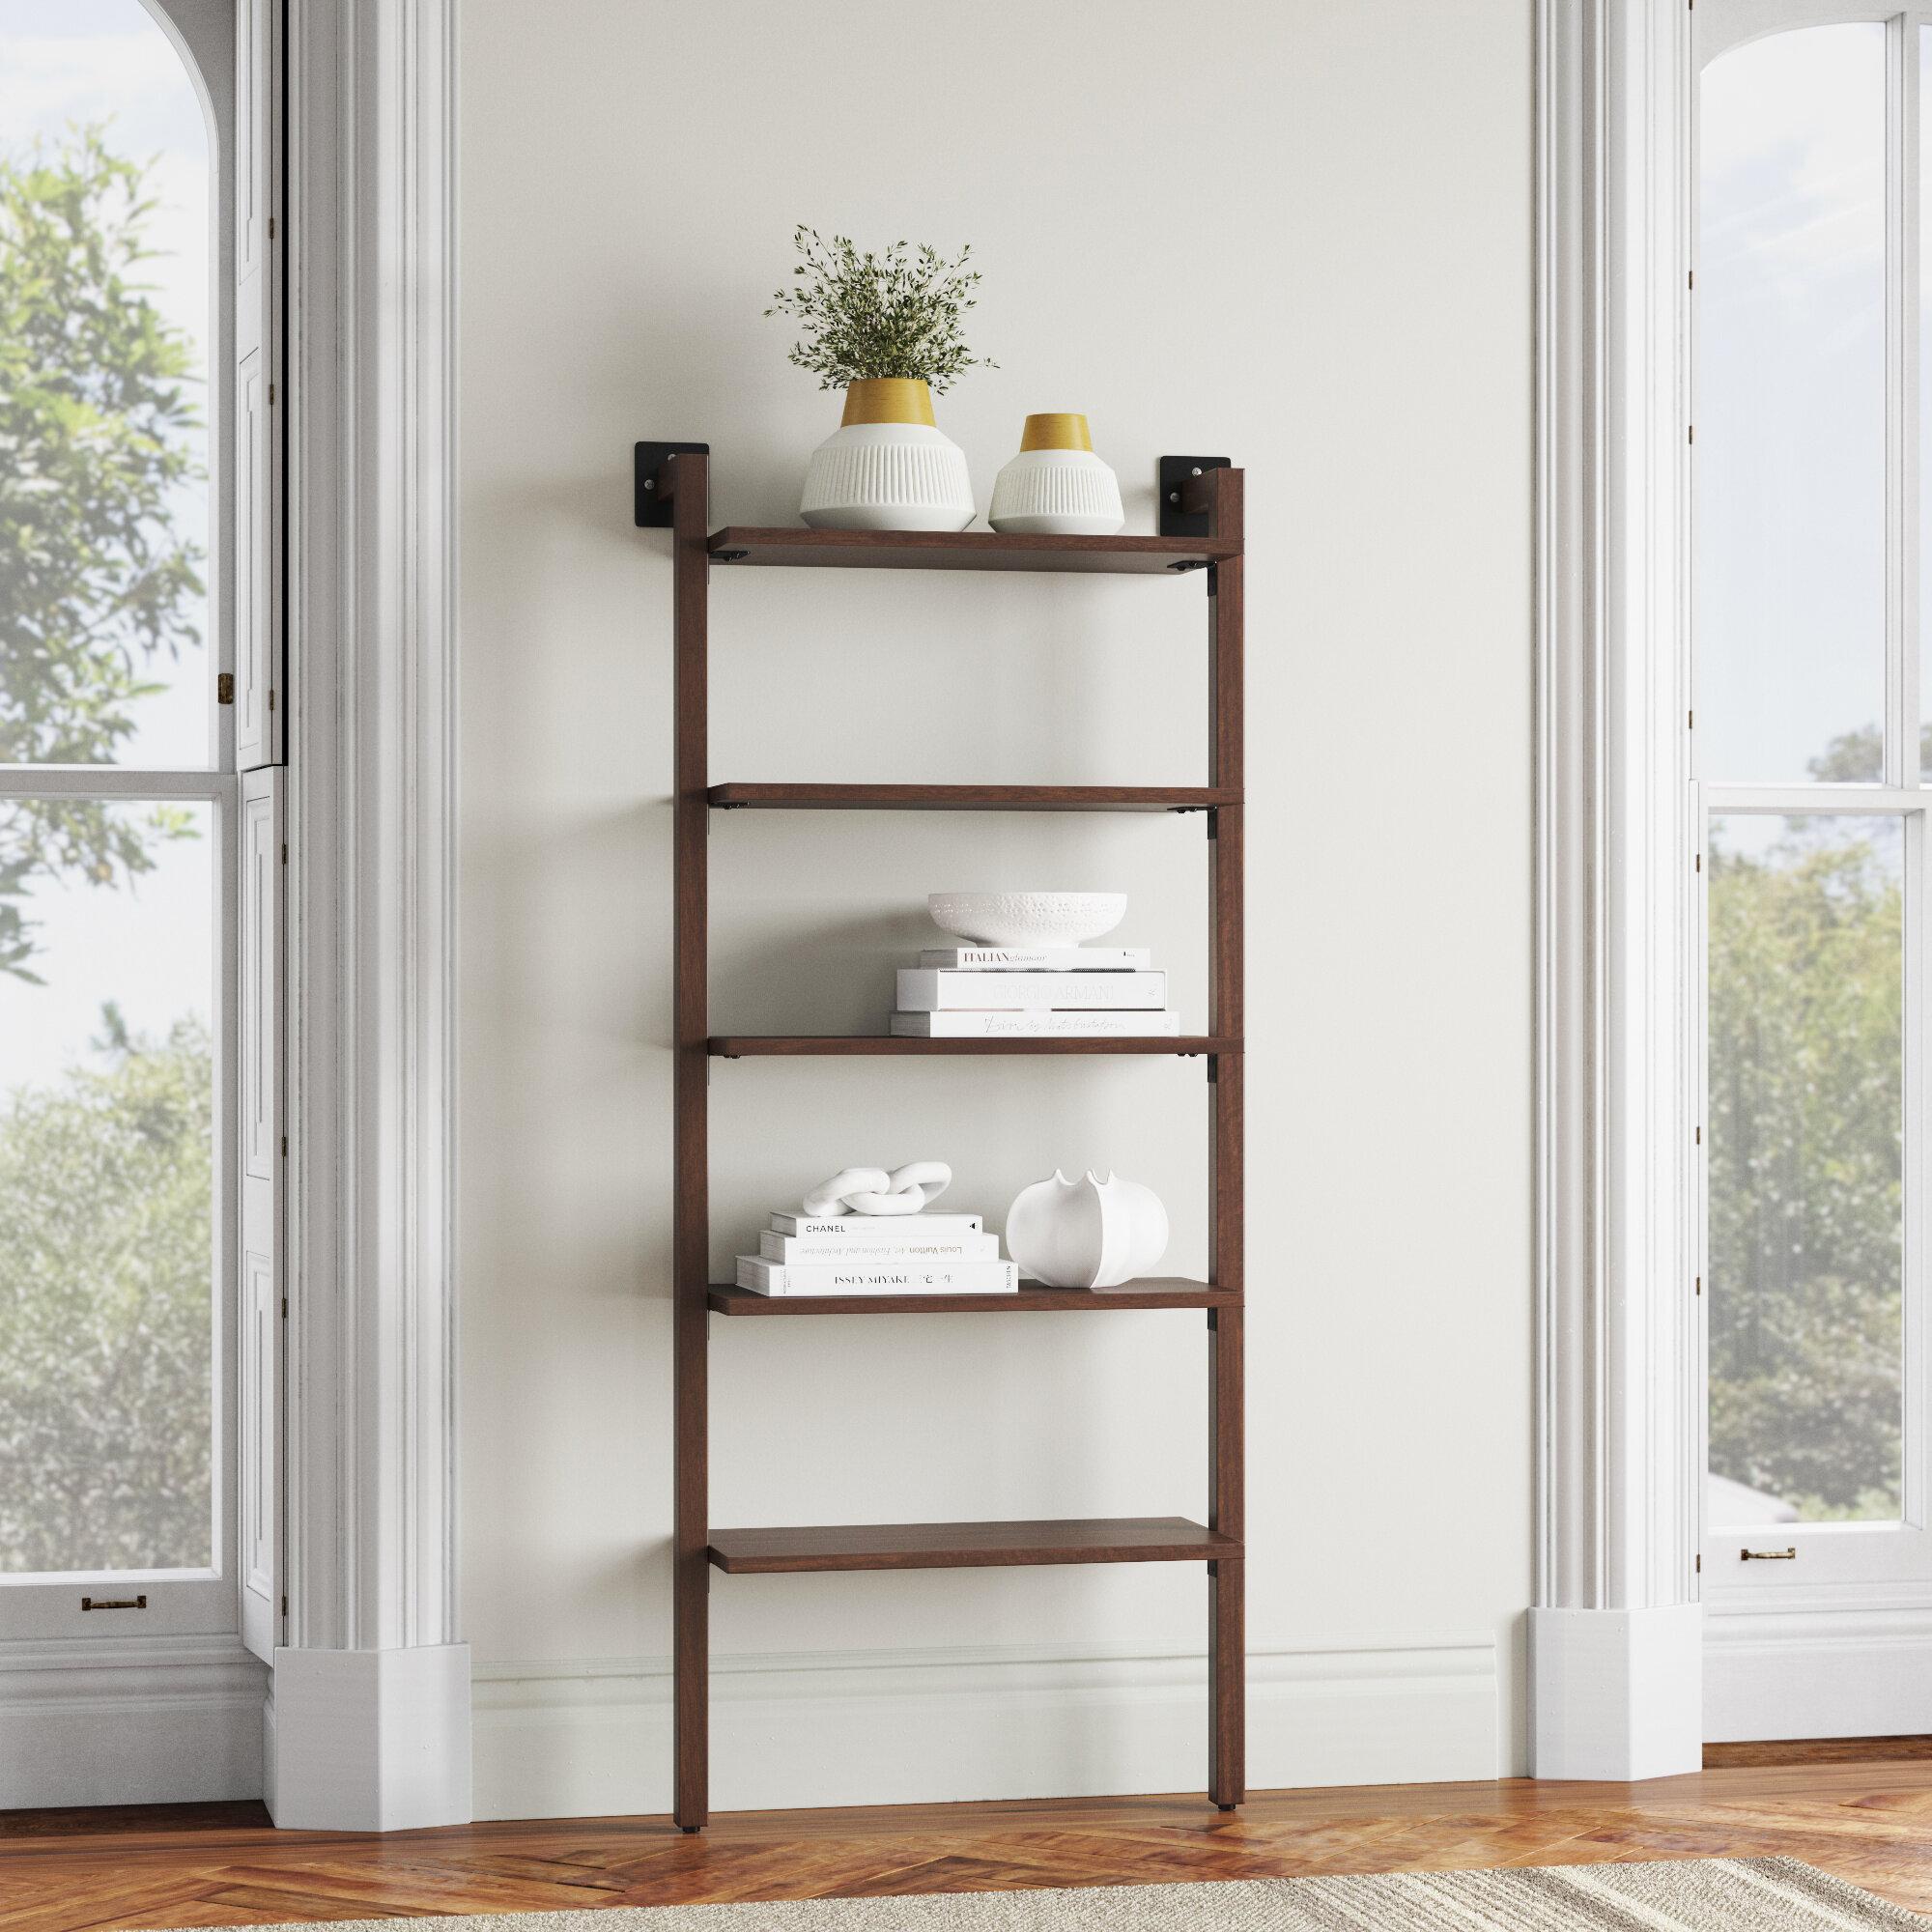 Urquhart Ladder Bookcase Reviews Joss Main